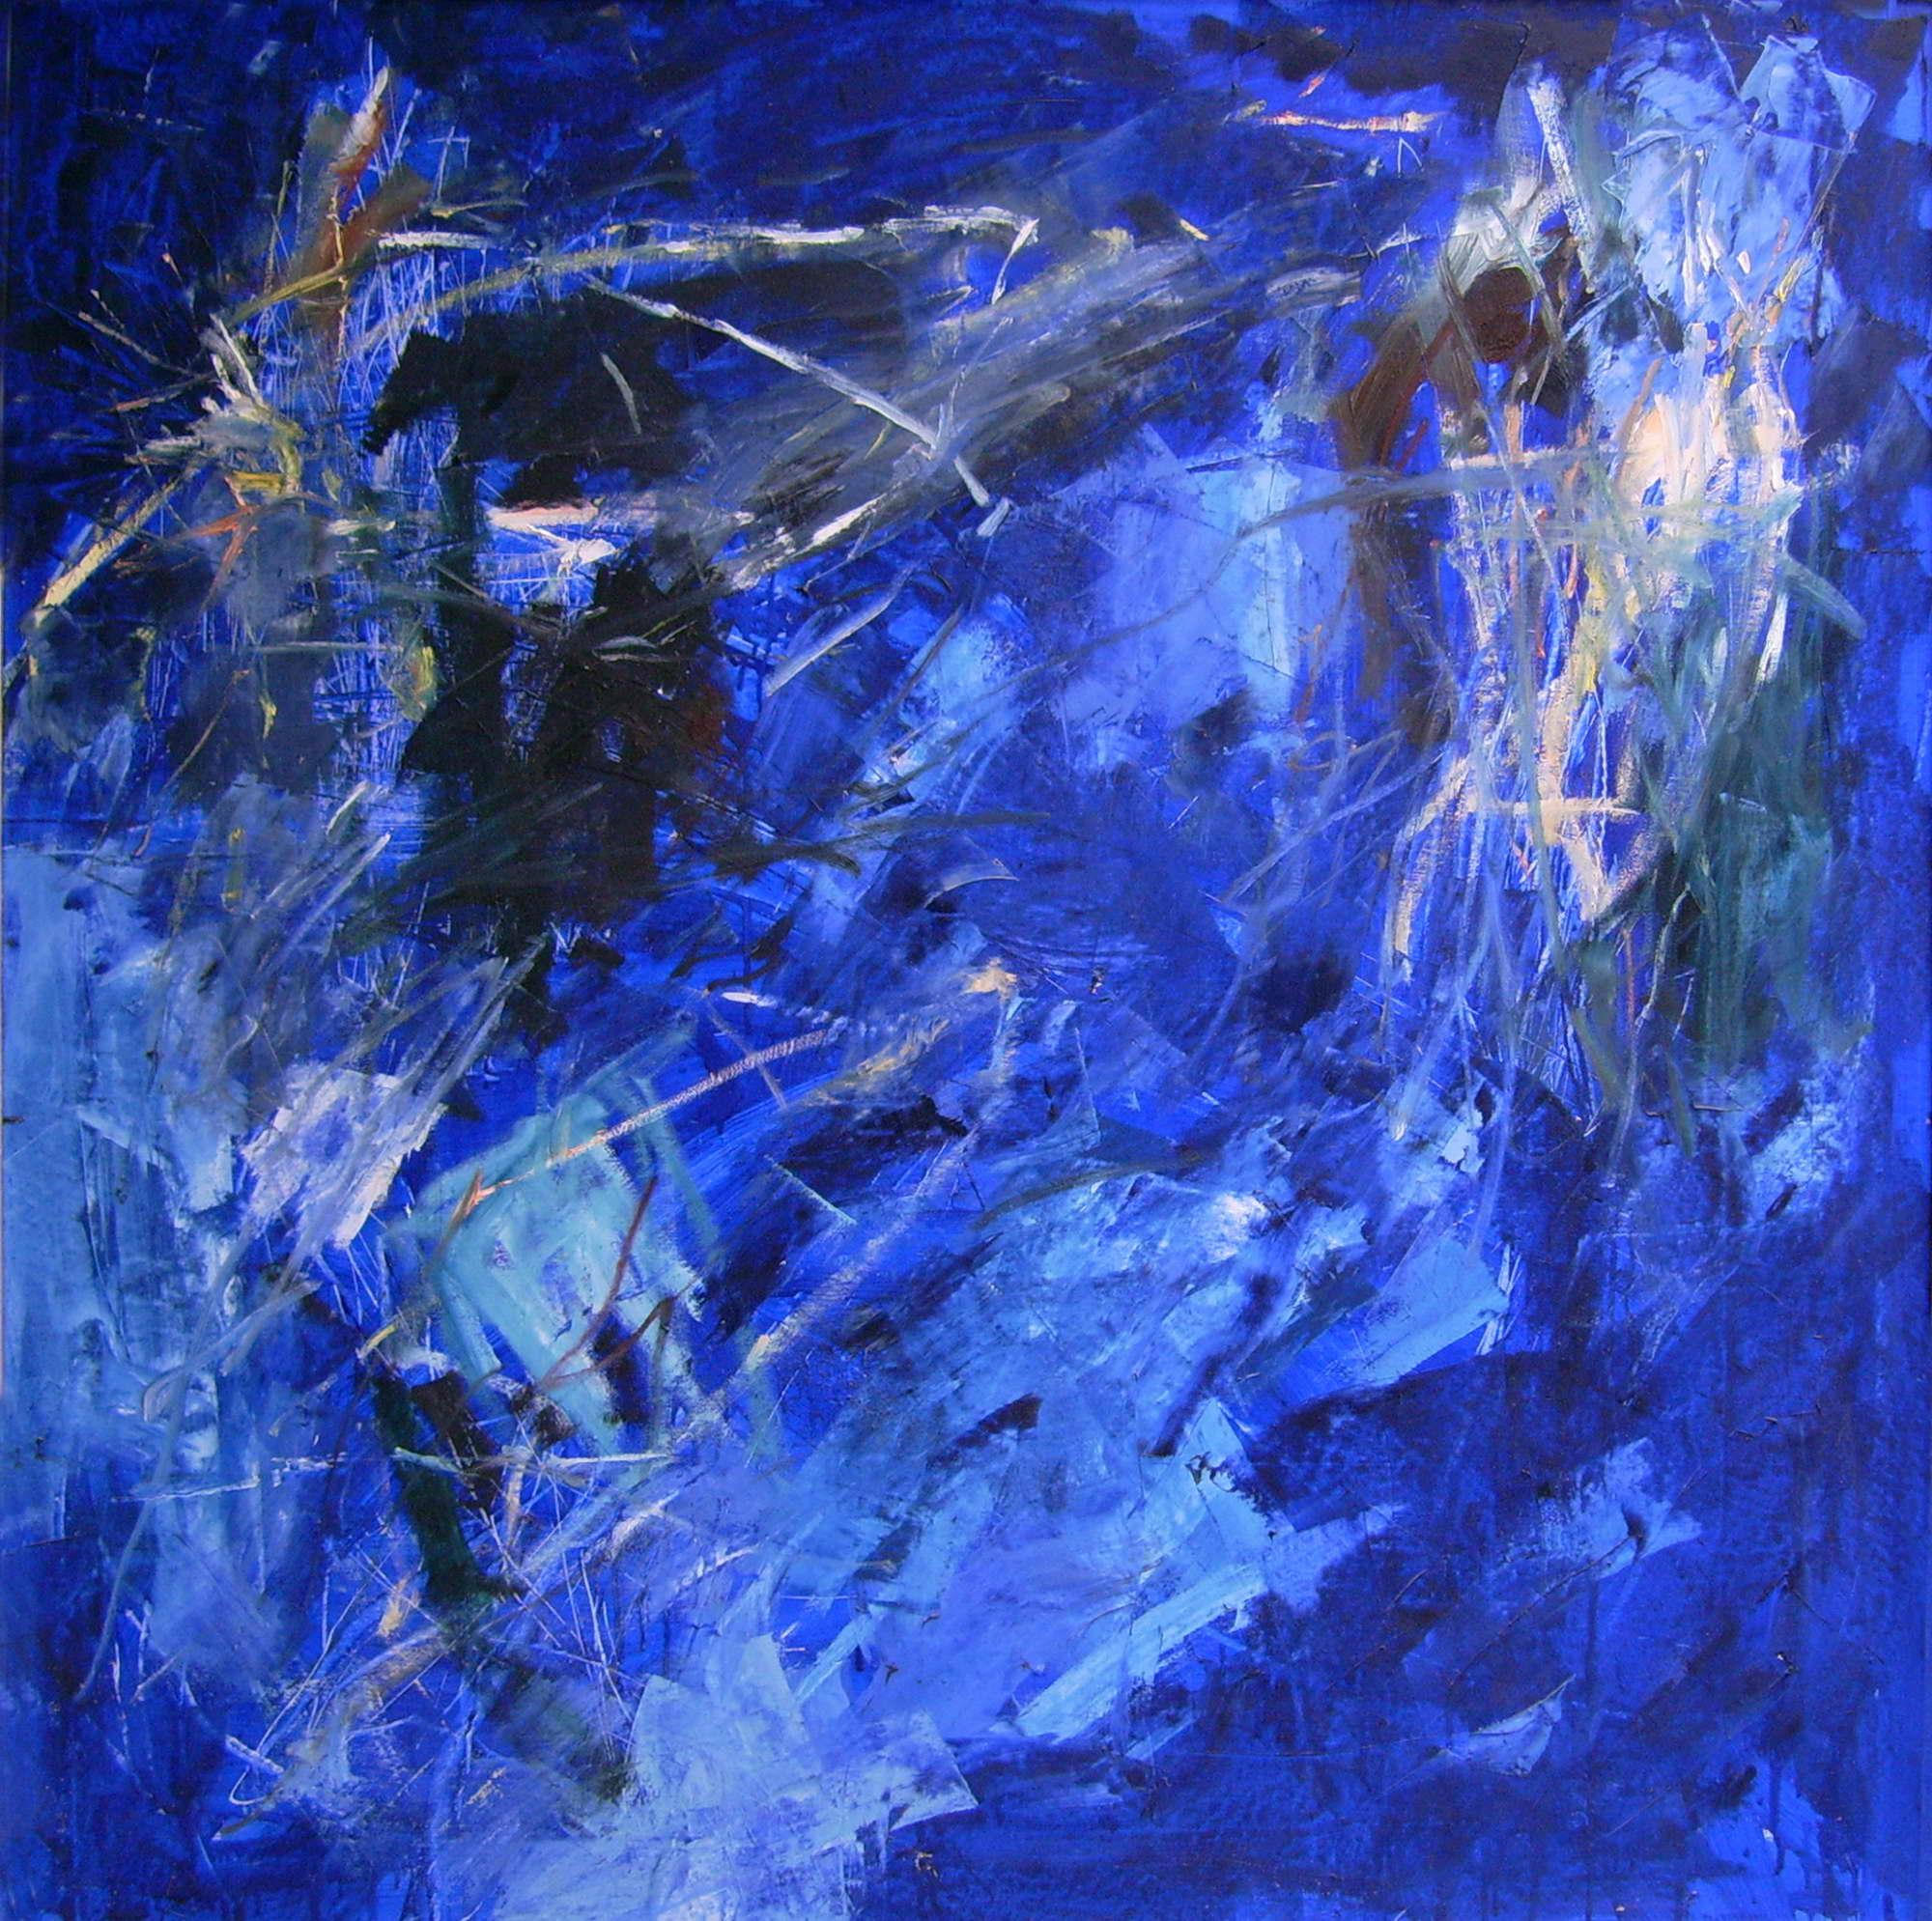 Gott erschafft Blau